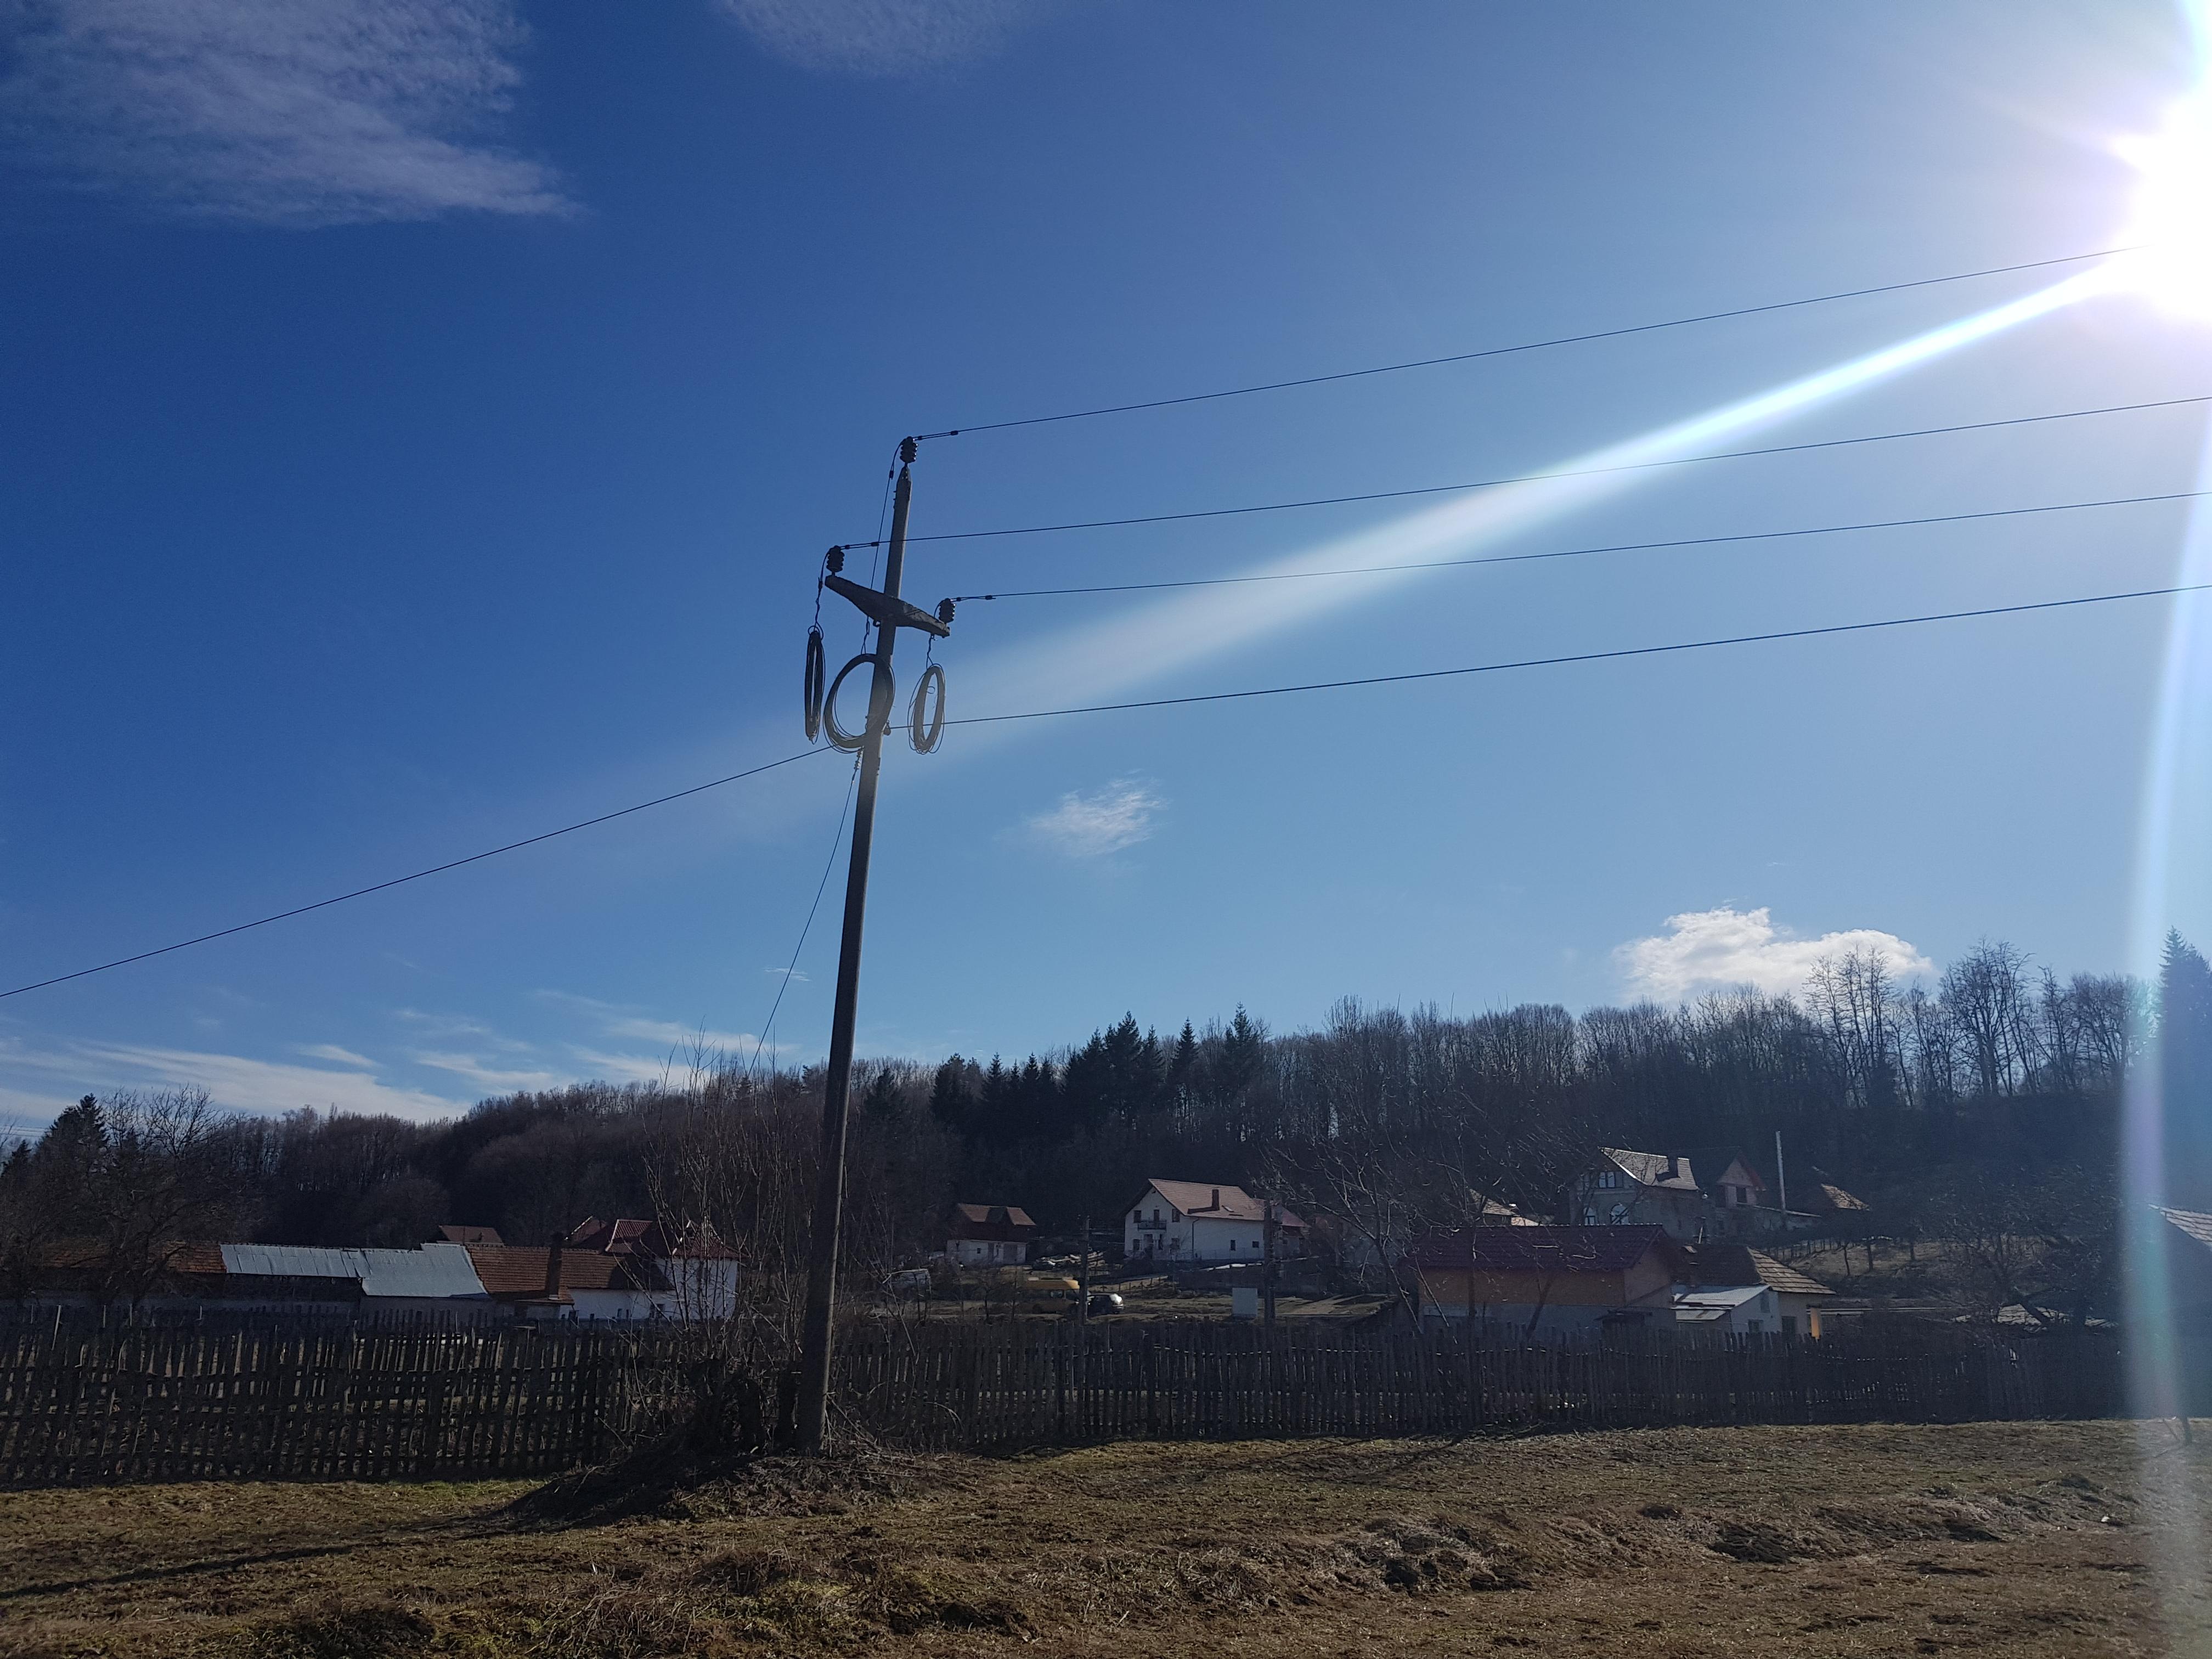 VIDEO / O femeie de 50 de ani a murit electrocutată în cireș! Compania CEZ Oltenia susține că nu are nici o vină, deși patru cabluri treceau prin coroana pomului și au fost dezafectate abia după tragedie!